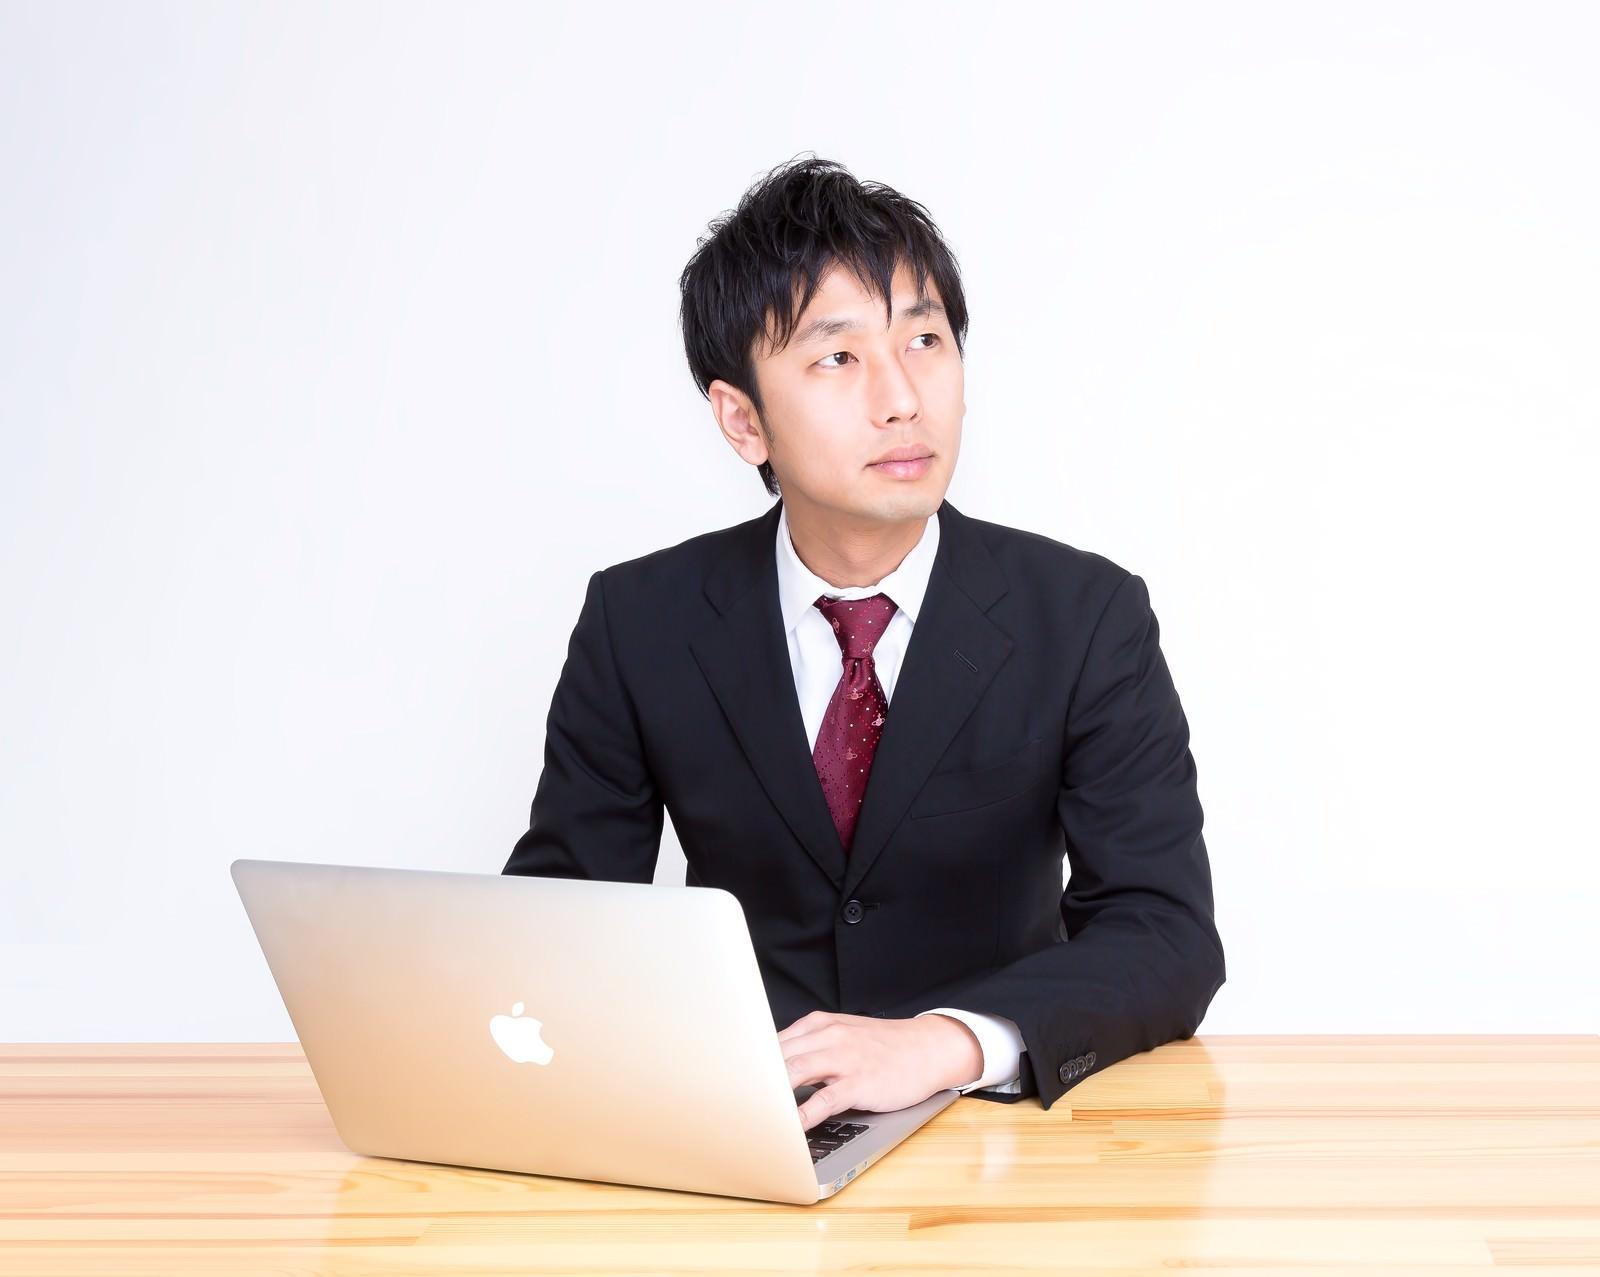 「講演に参加しているサラリーマン」の写真[モデル:大川竜弥]